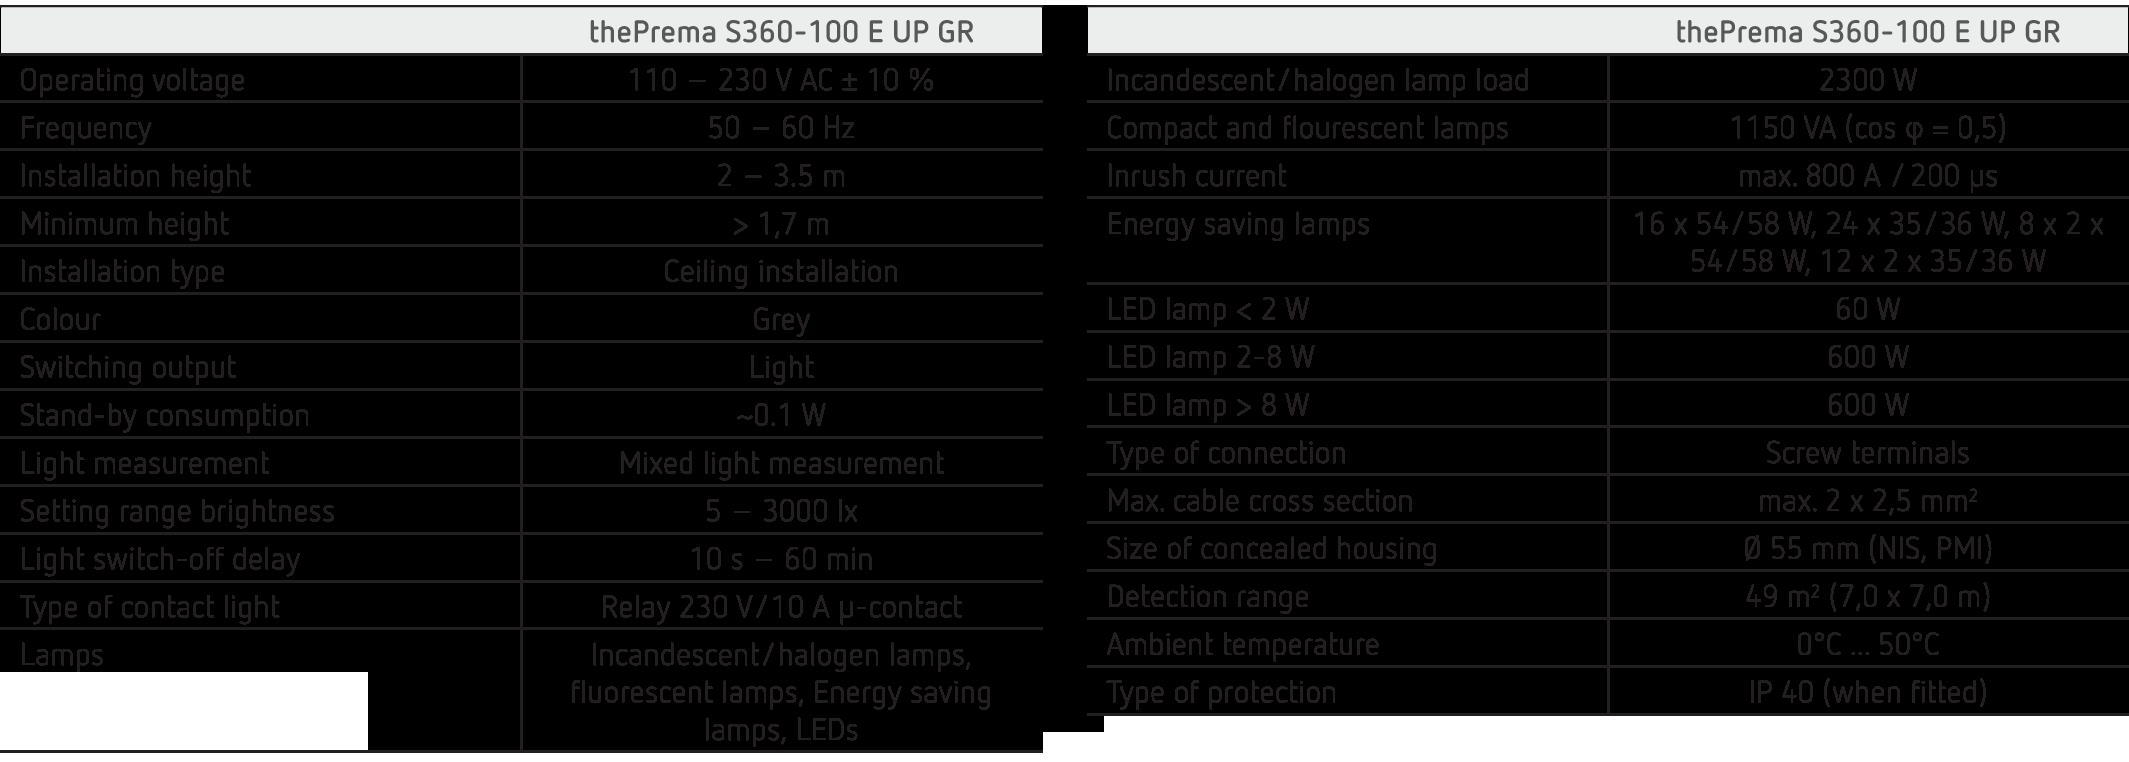 thePrema S360-100 E UP